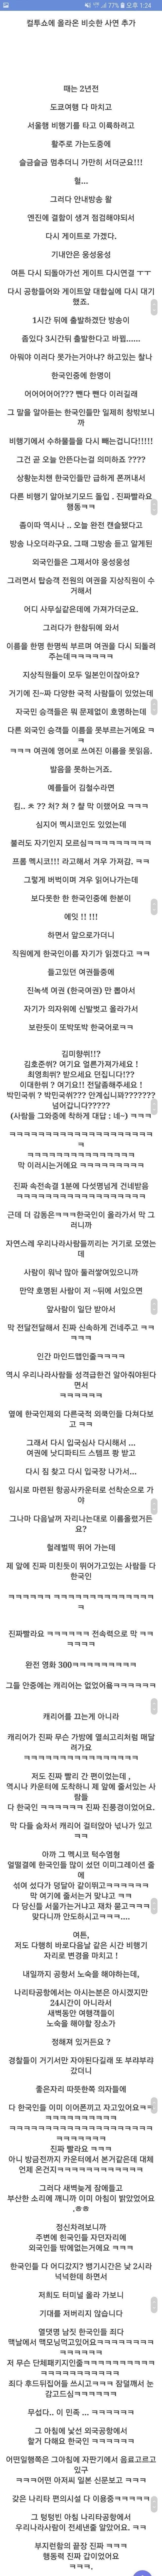 눈치빠른 한국인 레전드.JPG | 인스티즈